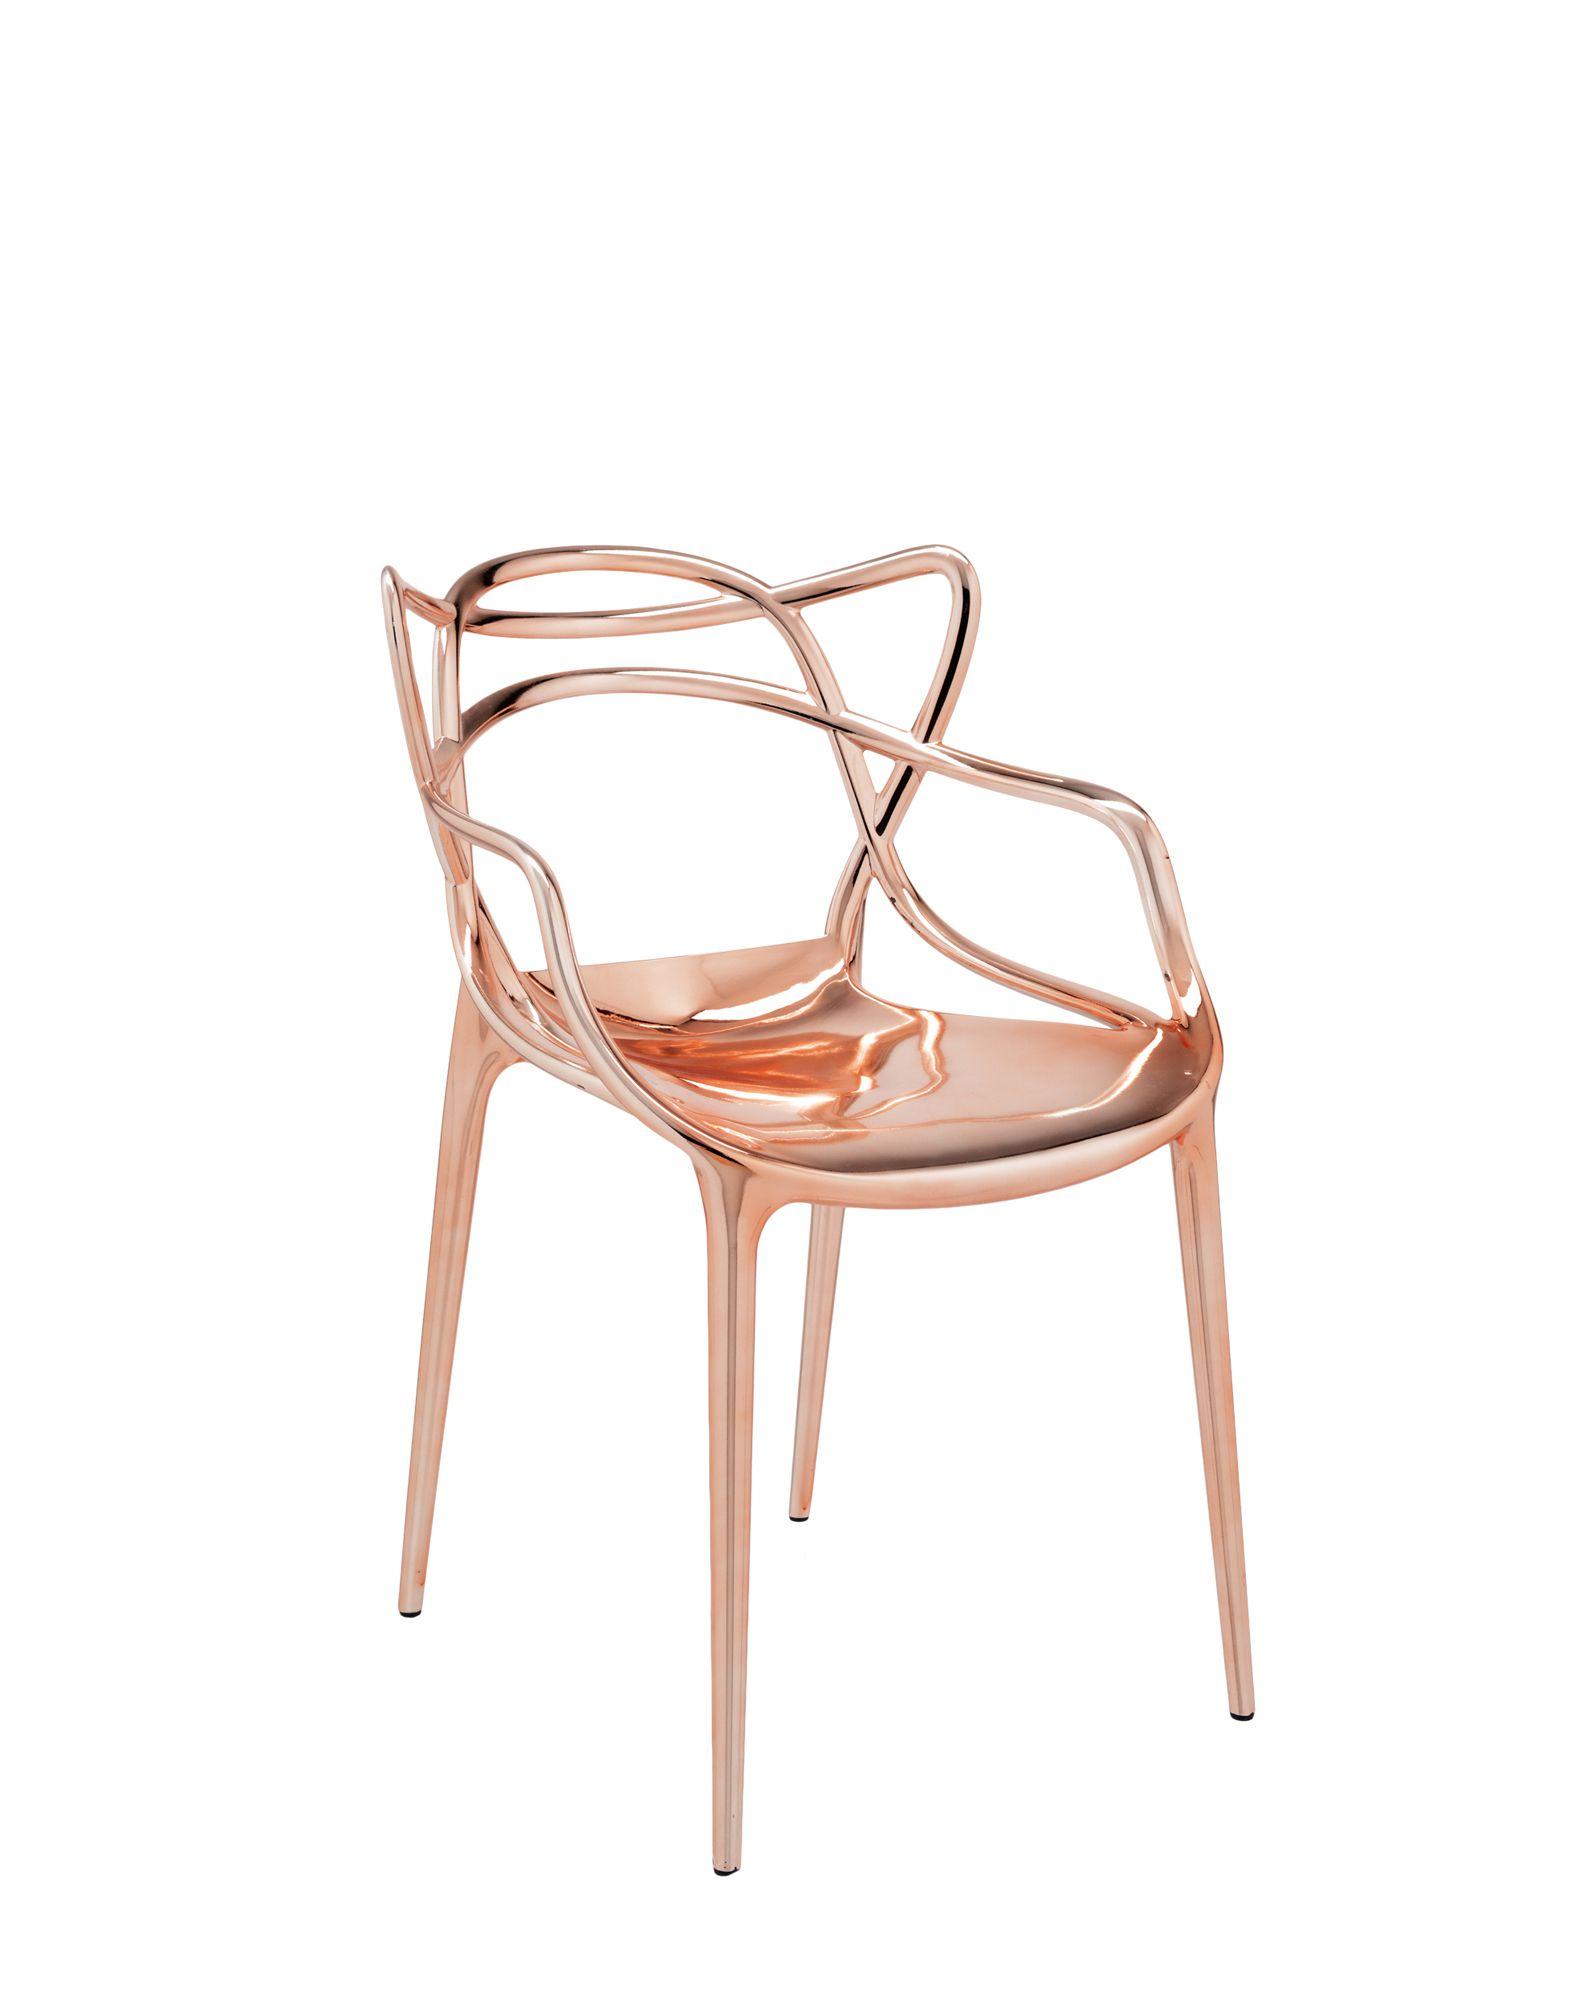 kartell masters rame sedie sedie design sedie moderne. Black Bedroom Furniture Sets. Home Design Ideas